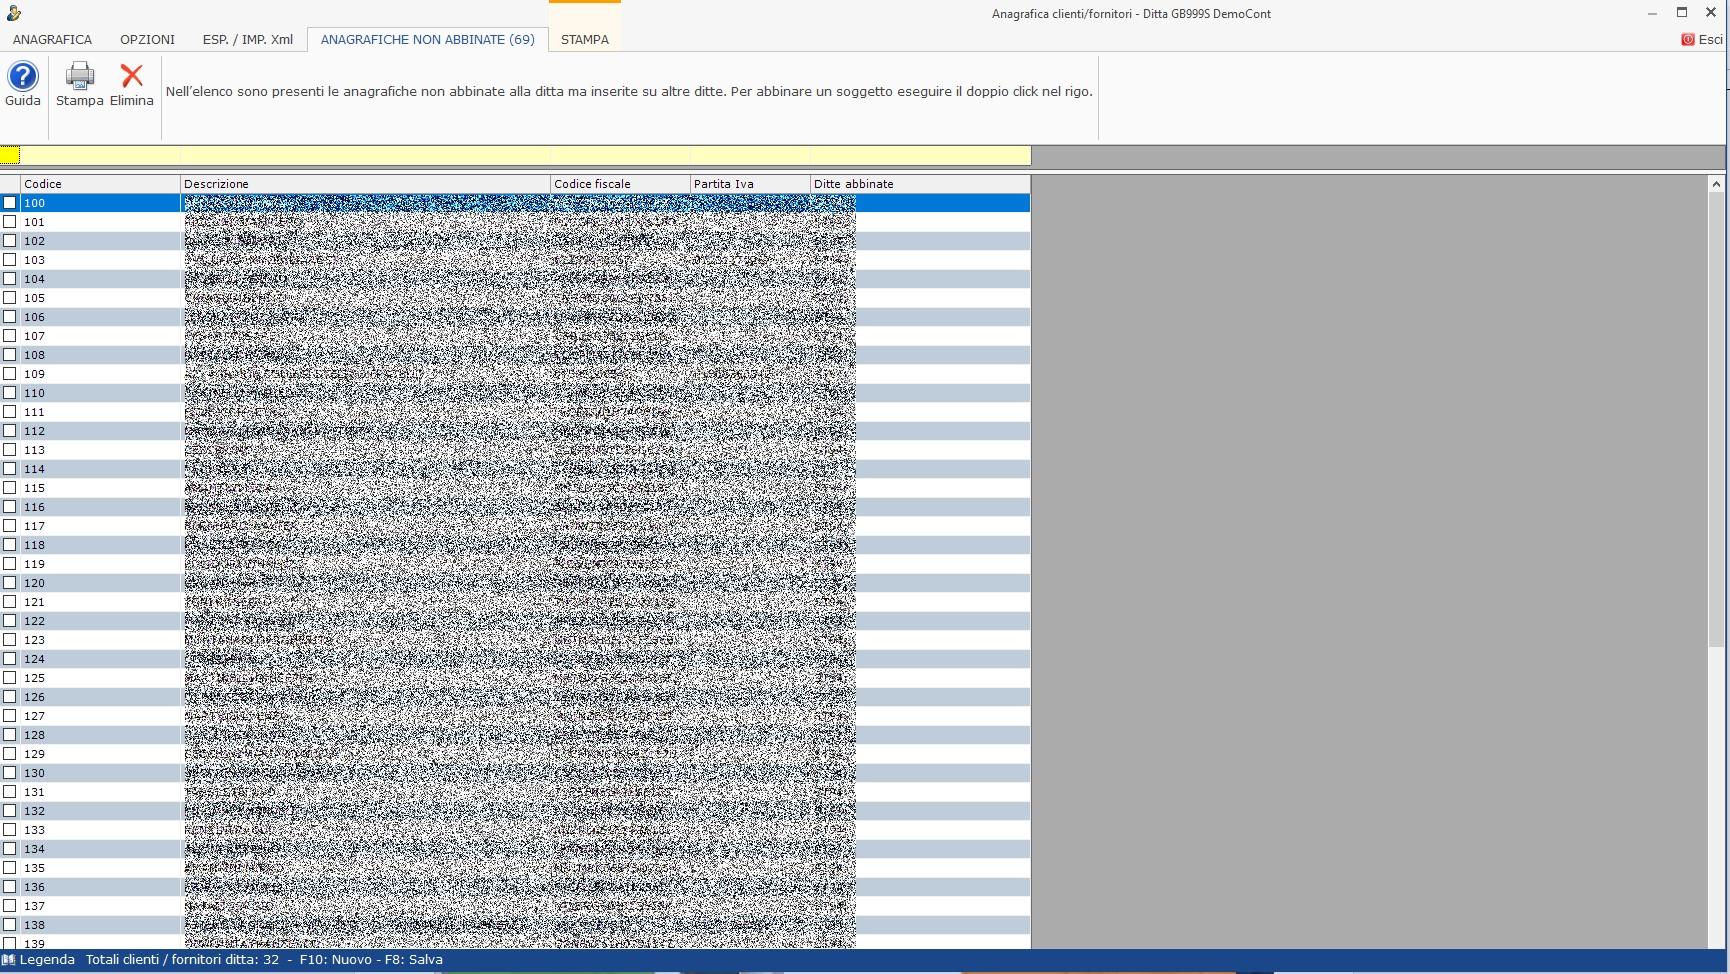 Anagrafica clienti - fornitori: abbinamento nominativo già utilizzato in altre ditte - 1